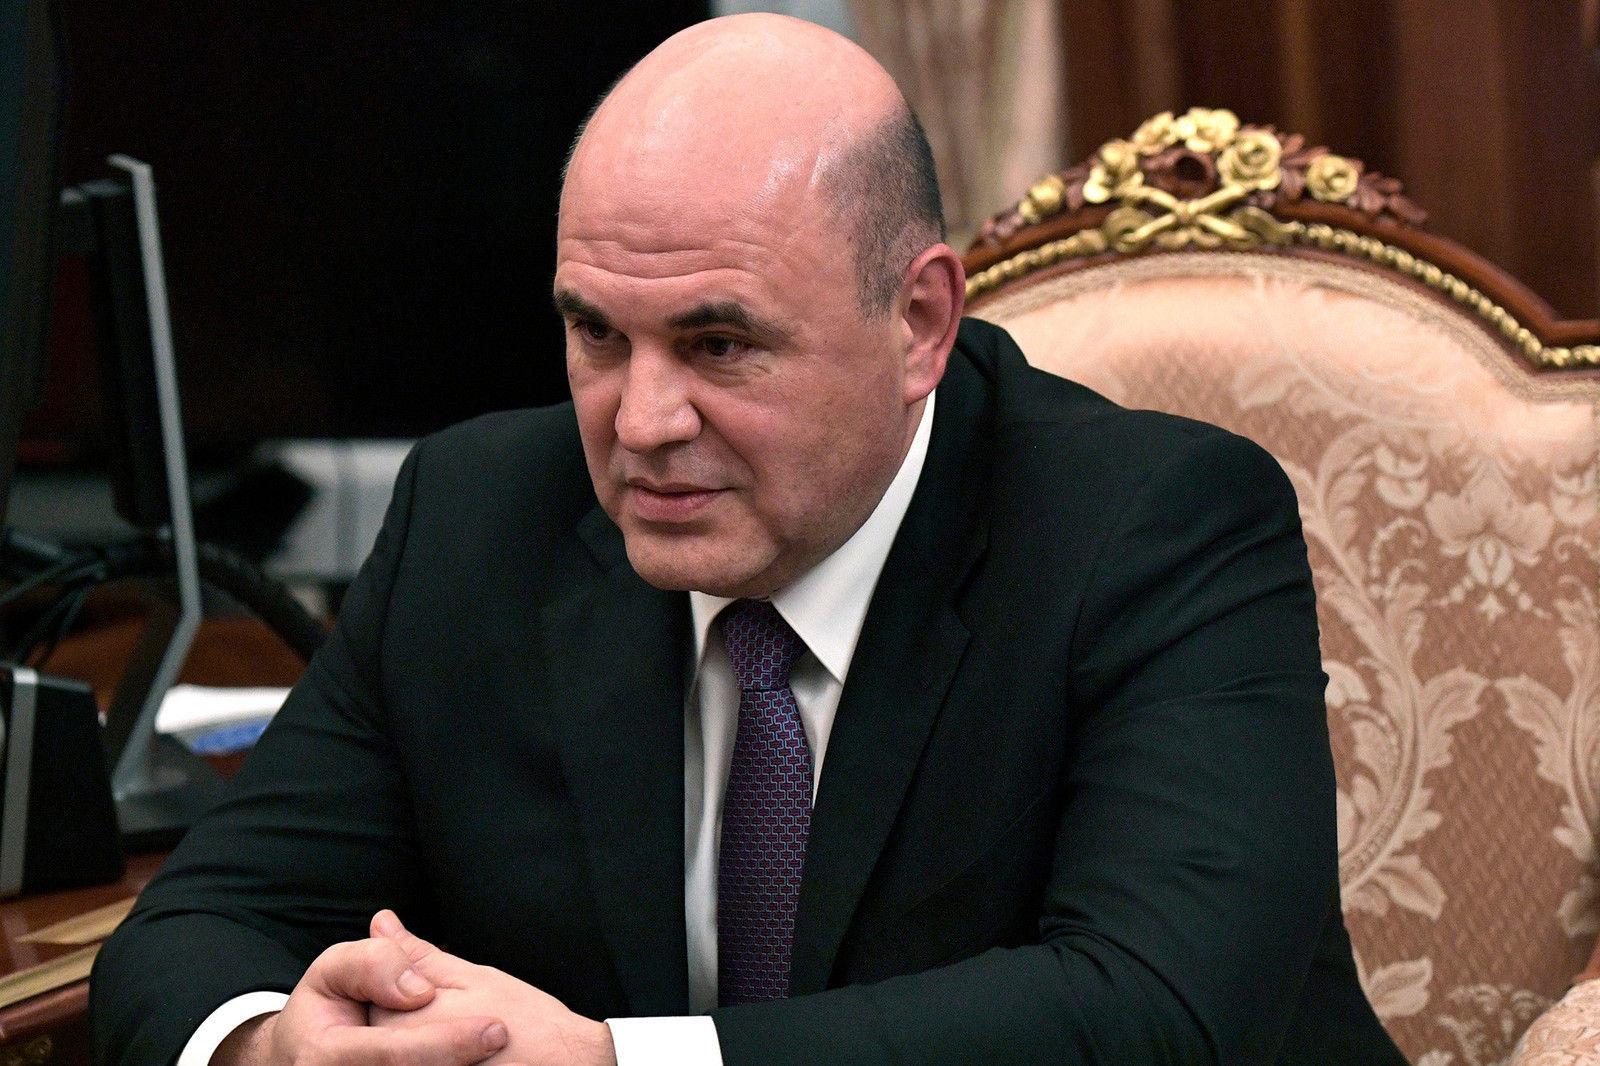 Владимир Путин ОХУ-ын шинэ ерөнхий сайдын нэрийг дэвшүүллээ